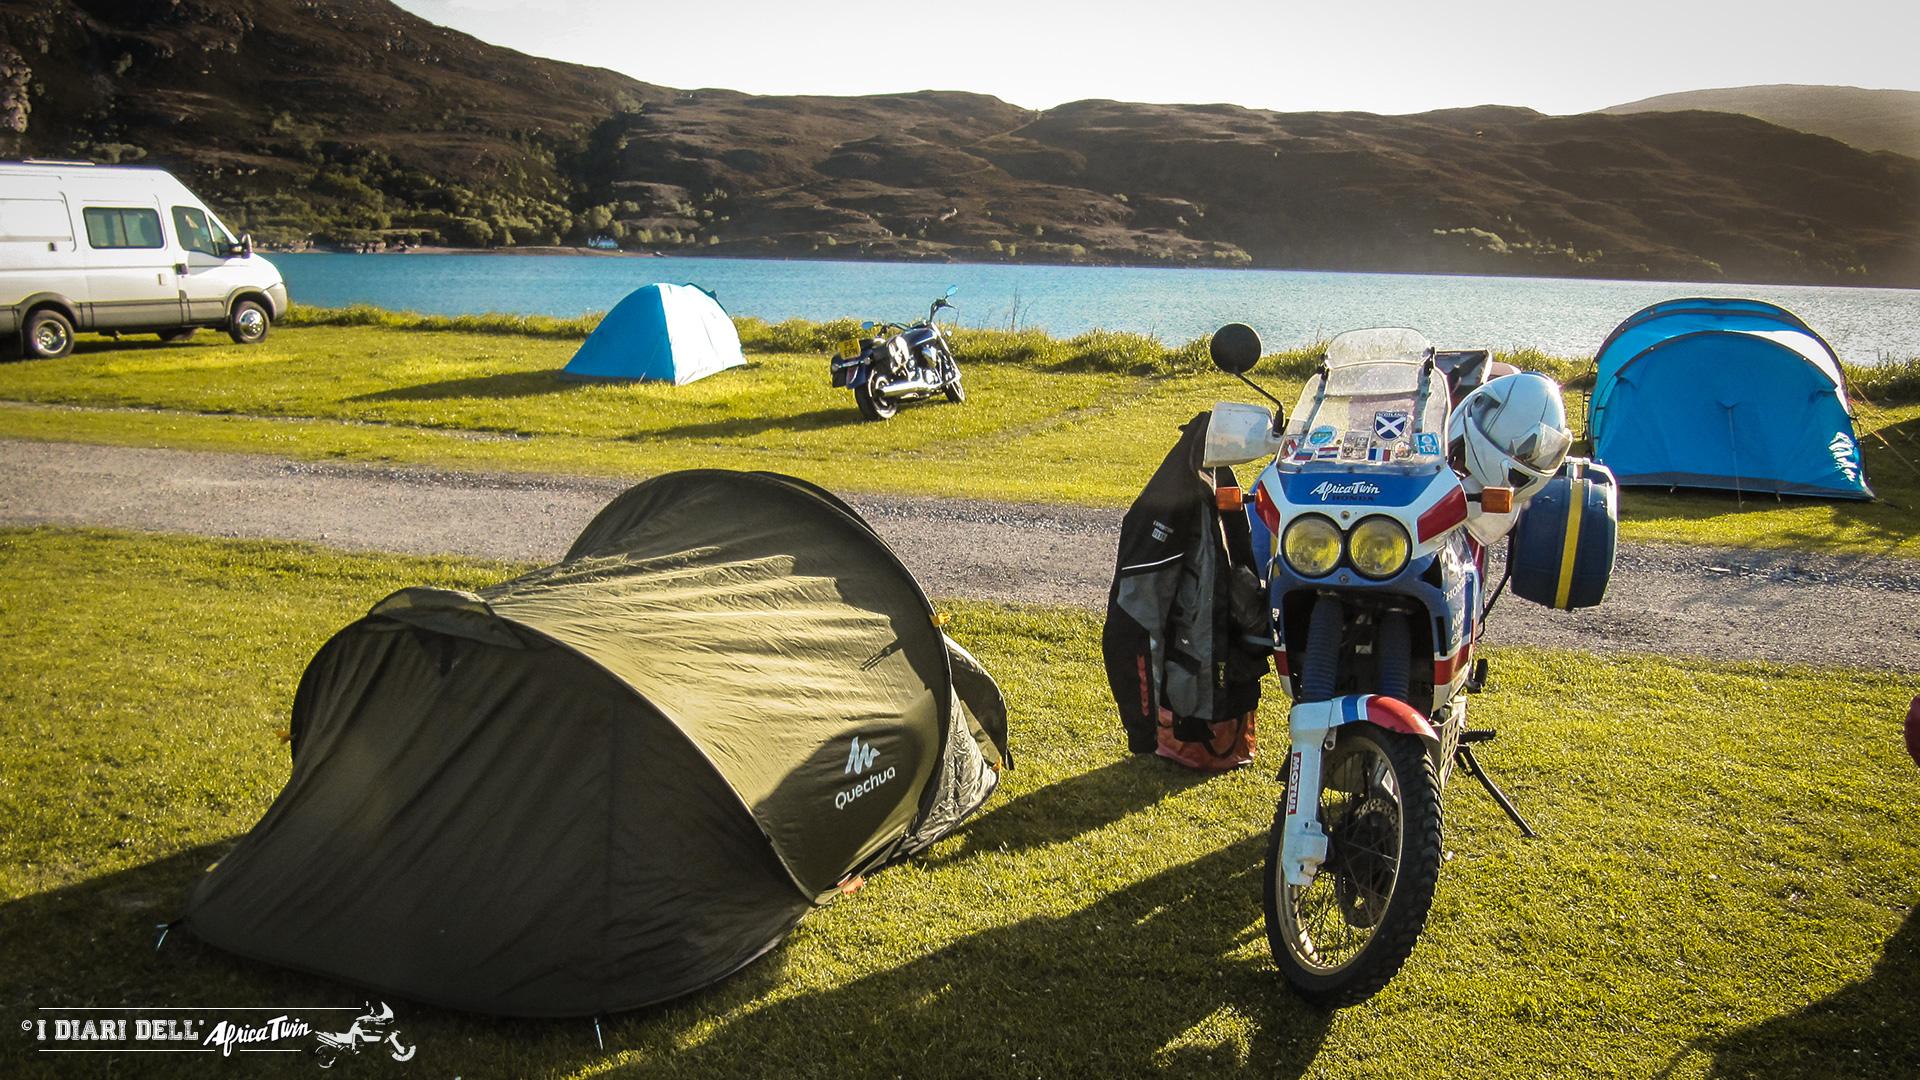 Campeggio nelle Highlands